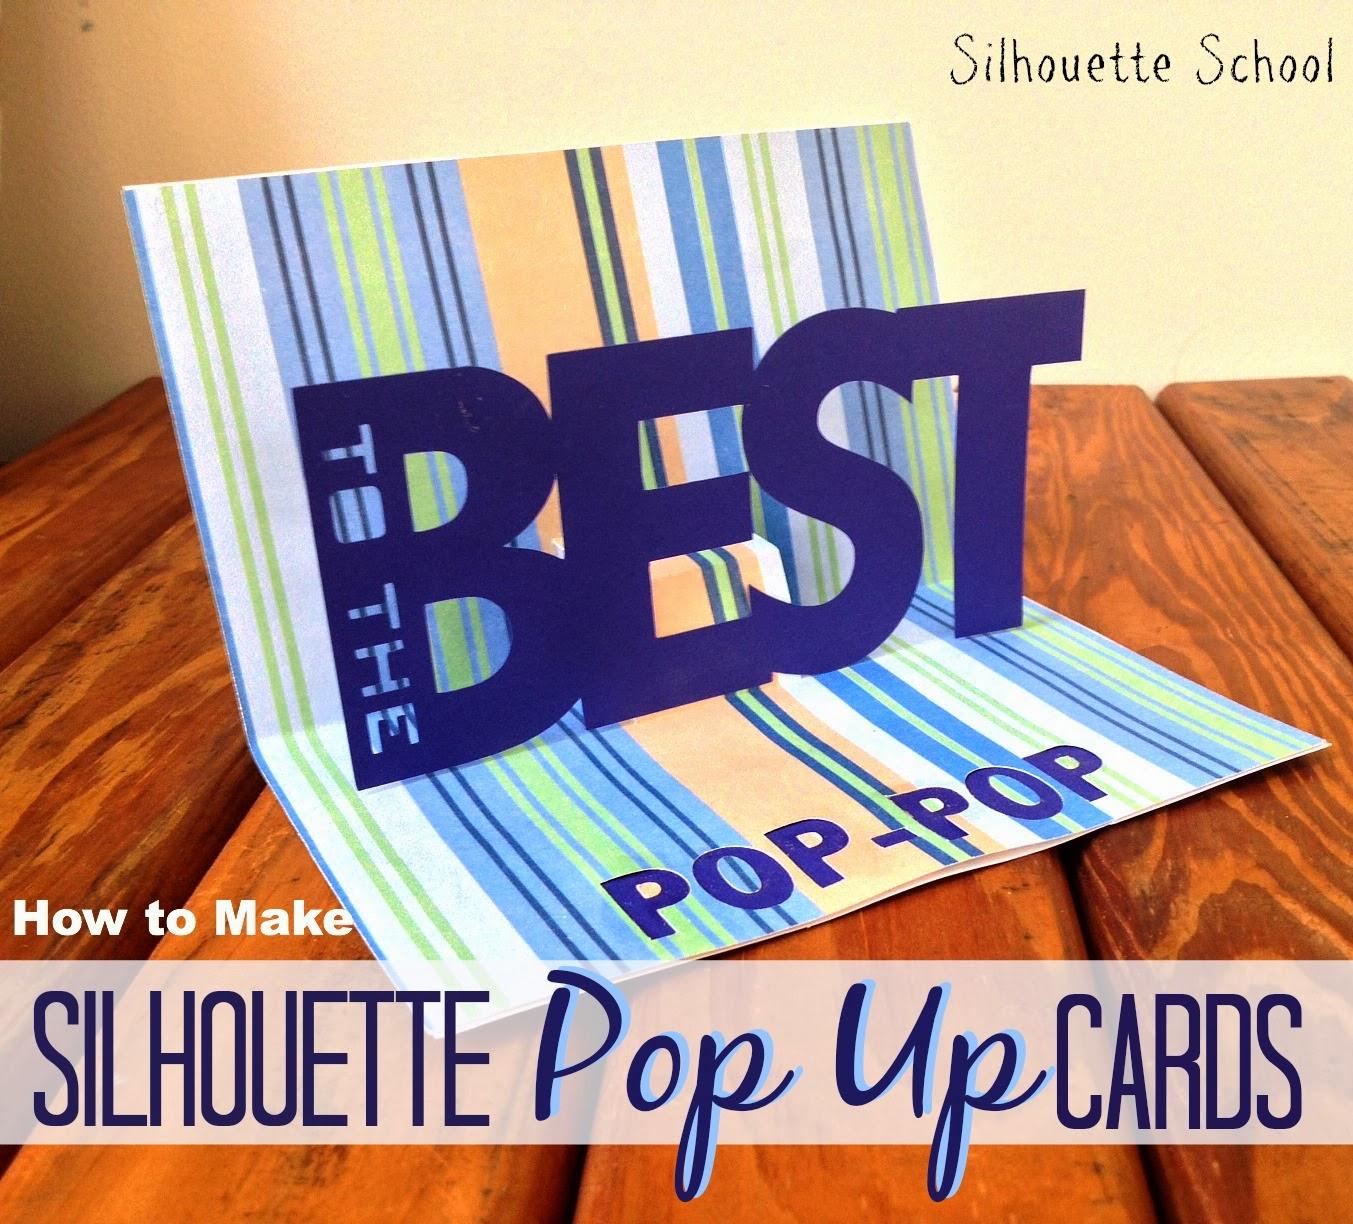 http://silhouetteschool.blogspot.com/2014/03/basic-silhouette-pop-up-card-tutorial.html